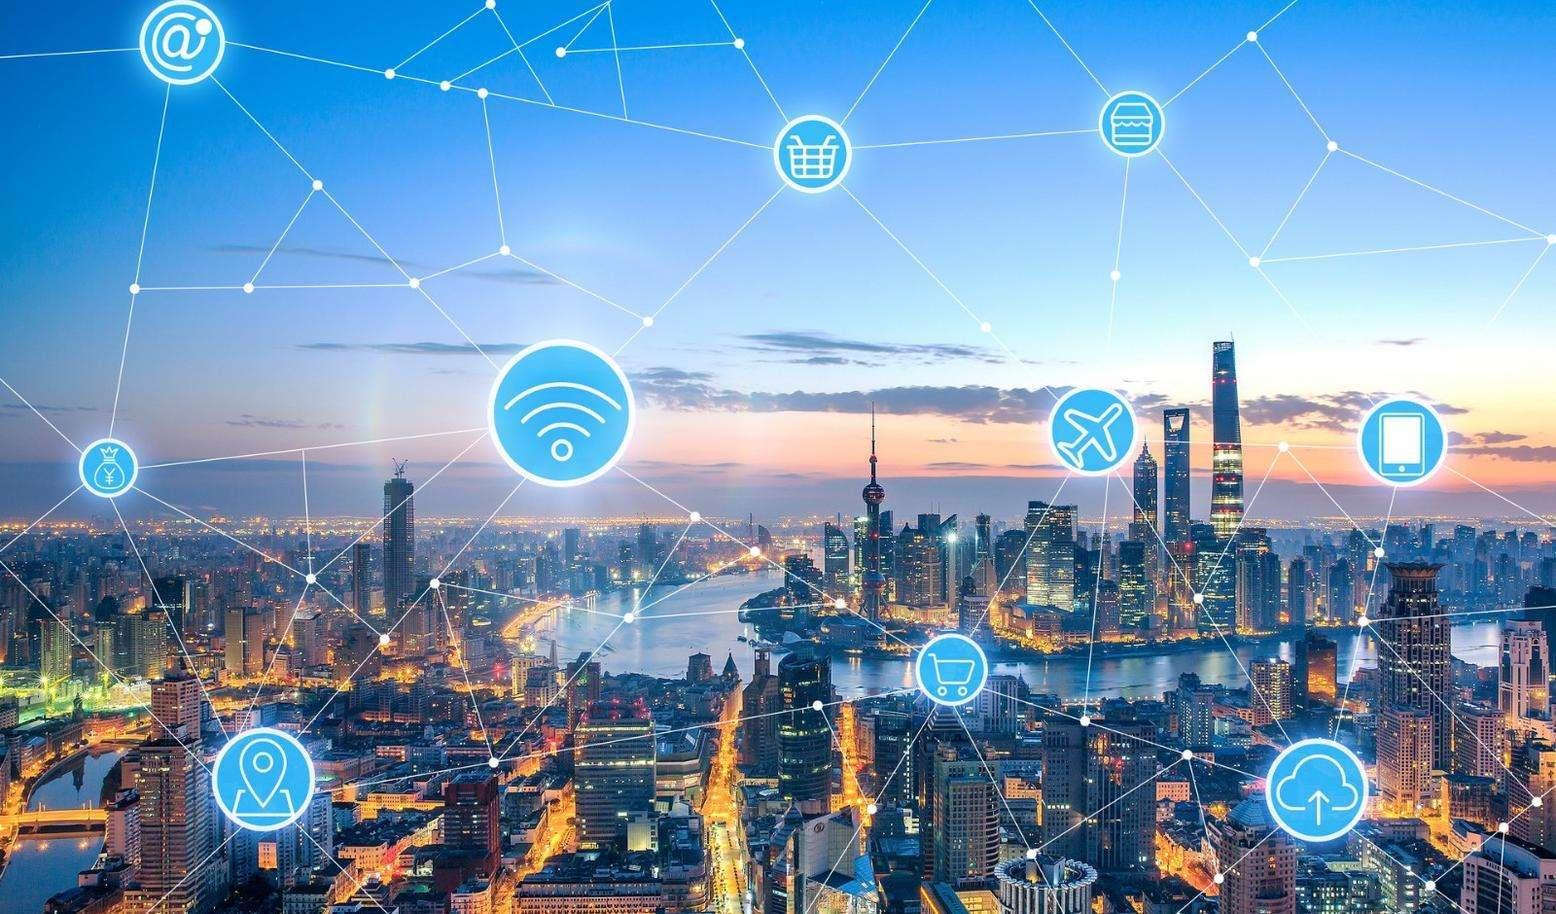 范玉刚:新时代数字文化产业的发展趋势、问题与未来瞩望